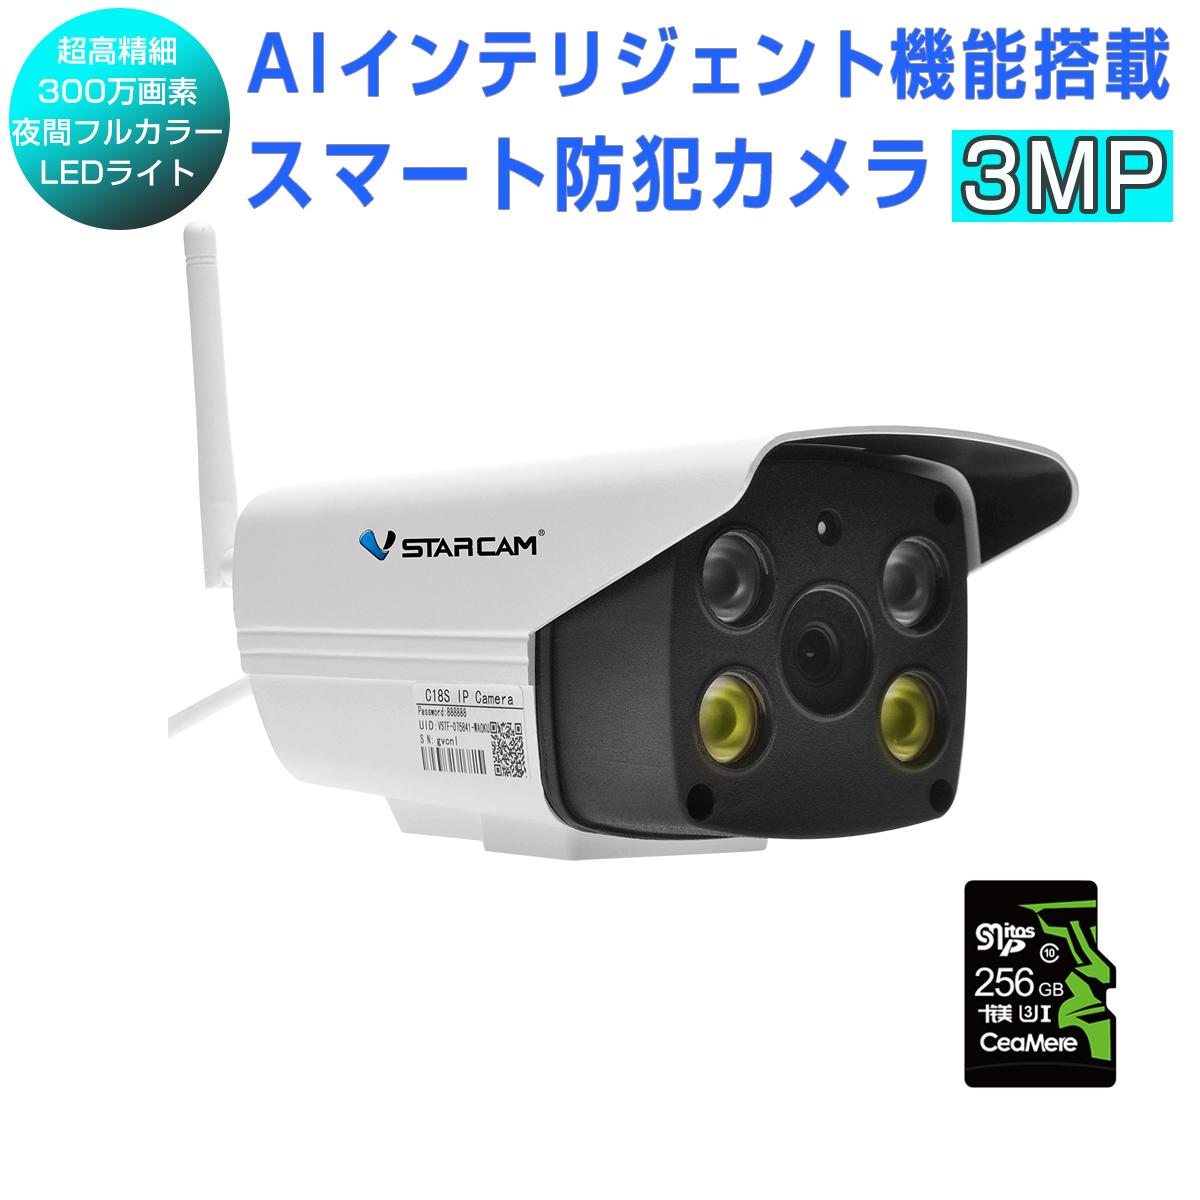 防犯カメラ ワイヤレス wifi 夜でもカラー録画 送料無料でお届けします 簡単 設置 連続録画 屋外 屋内兼用 遠隔監視 動体検知 SSL C18S SDカード256GB同梱モデル 防犯灯タイプ VStarcam オフィス ONVIF対応 未使用 人体検出 MicroSDカード録画 6ヶ月保証 超高画質 300万画素 1296p 店舗 IP 2K 無線 録音 防犯ライトにもなる 屋内外兼用